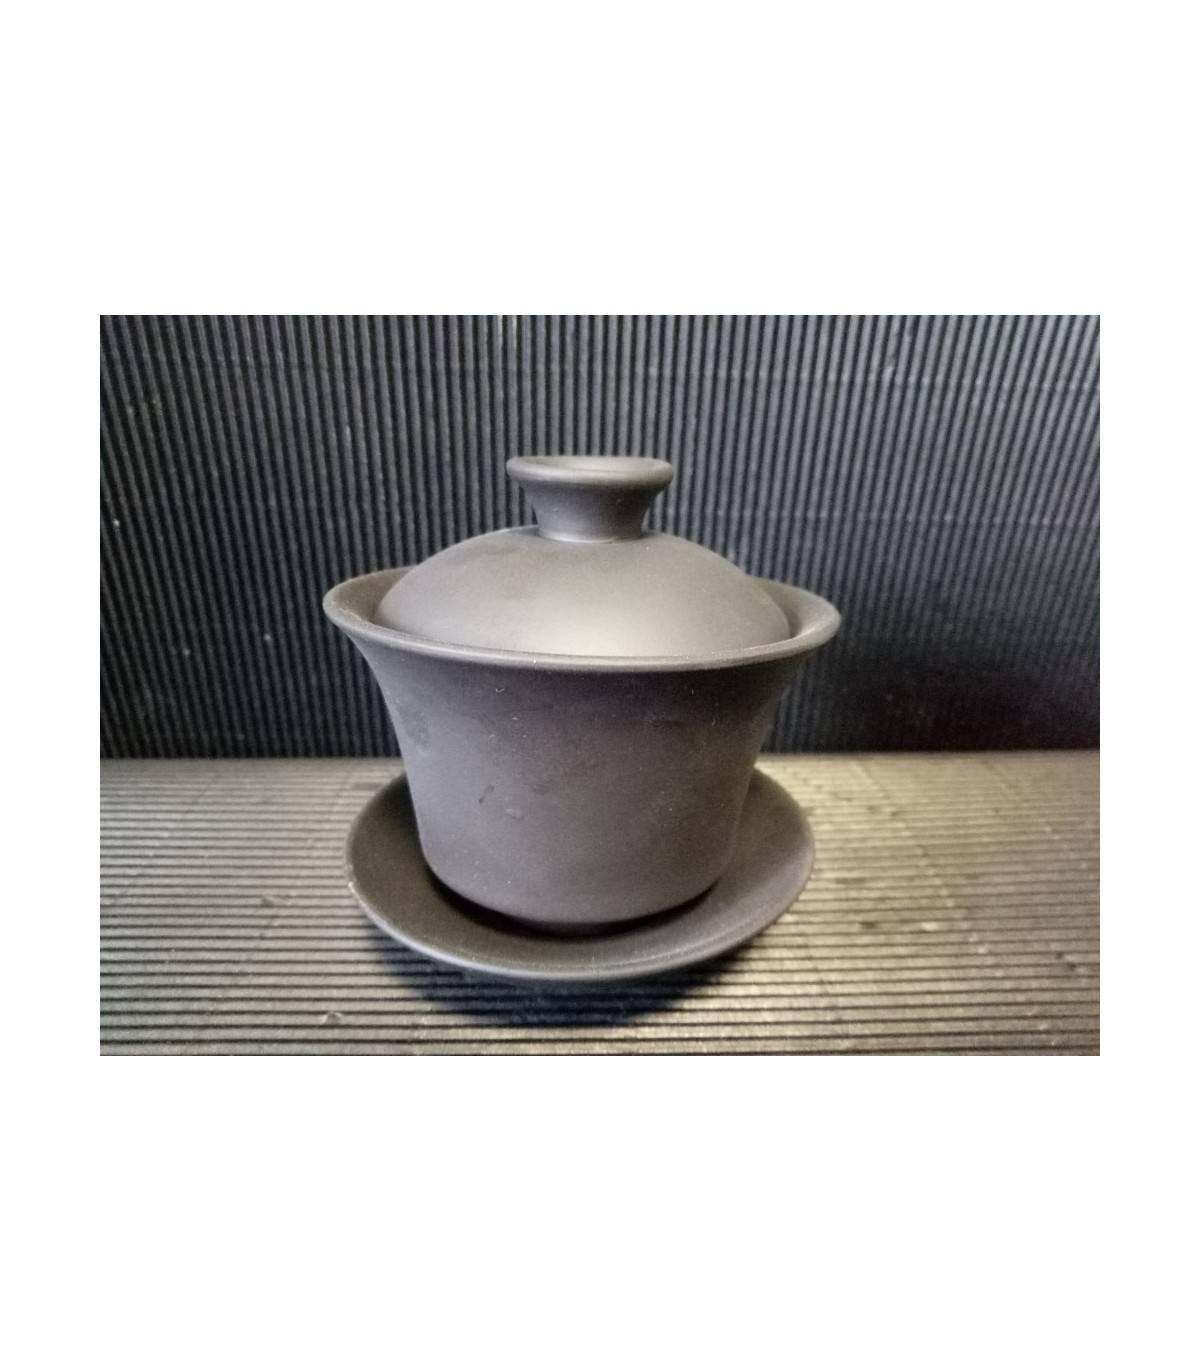 Гайвань для чая. виды, способы заварки и церемонии - искусство, мастерство и традиции чайной церемонии «теакуст»